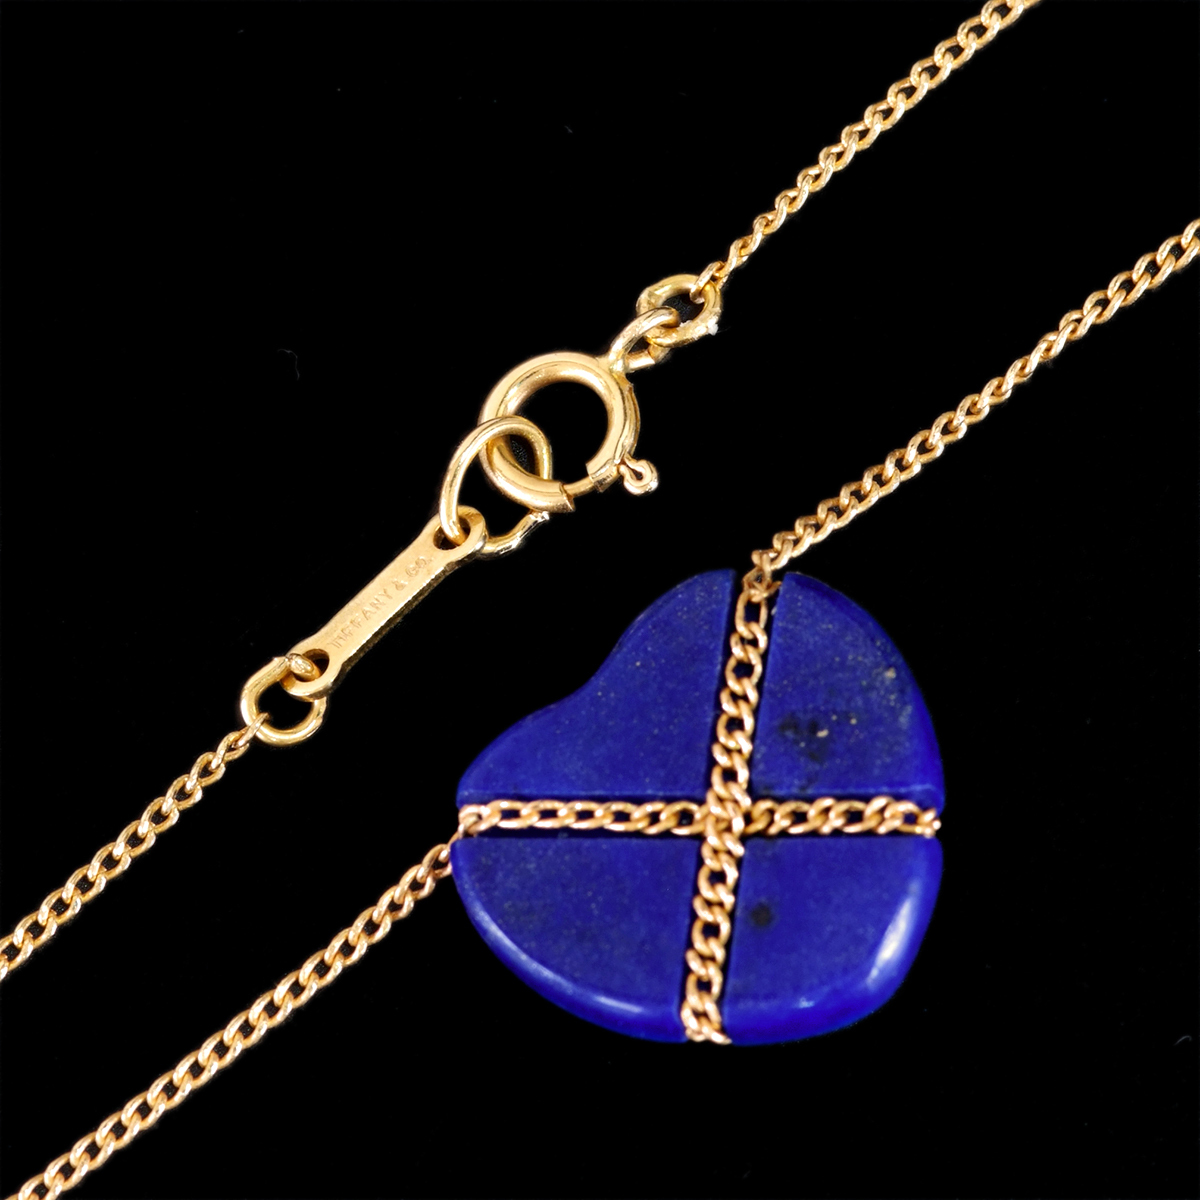 E8479【Tiffany&Co. 1837】ティファニー ハート ラピスラズリ 最高級18金無垢ネックレス 長さ46.5cm 重量3.42g 幅13.4mm_画像2